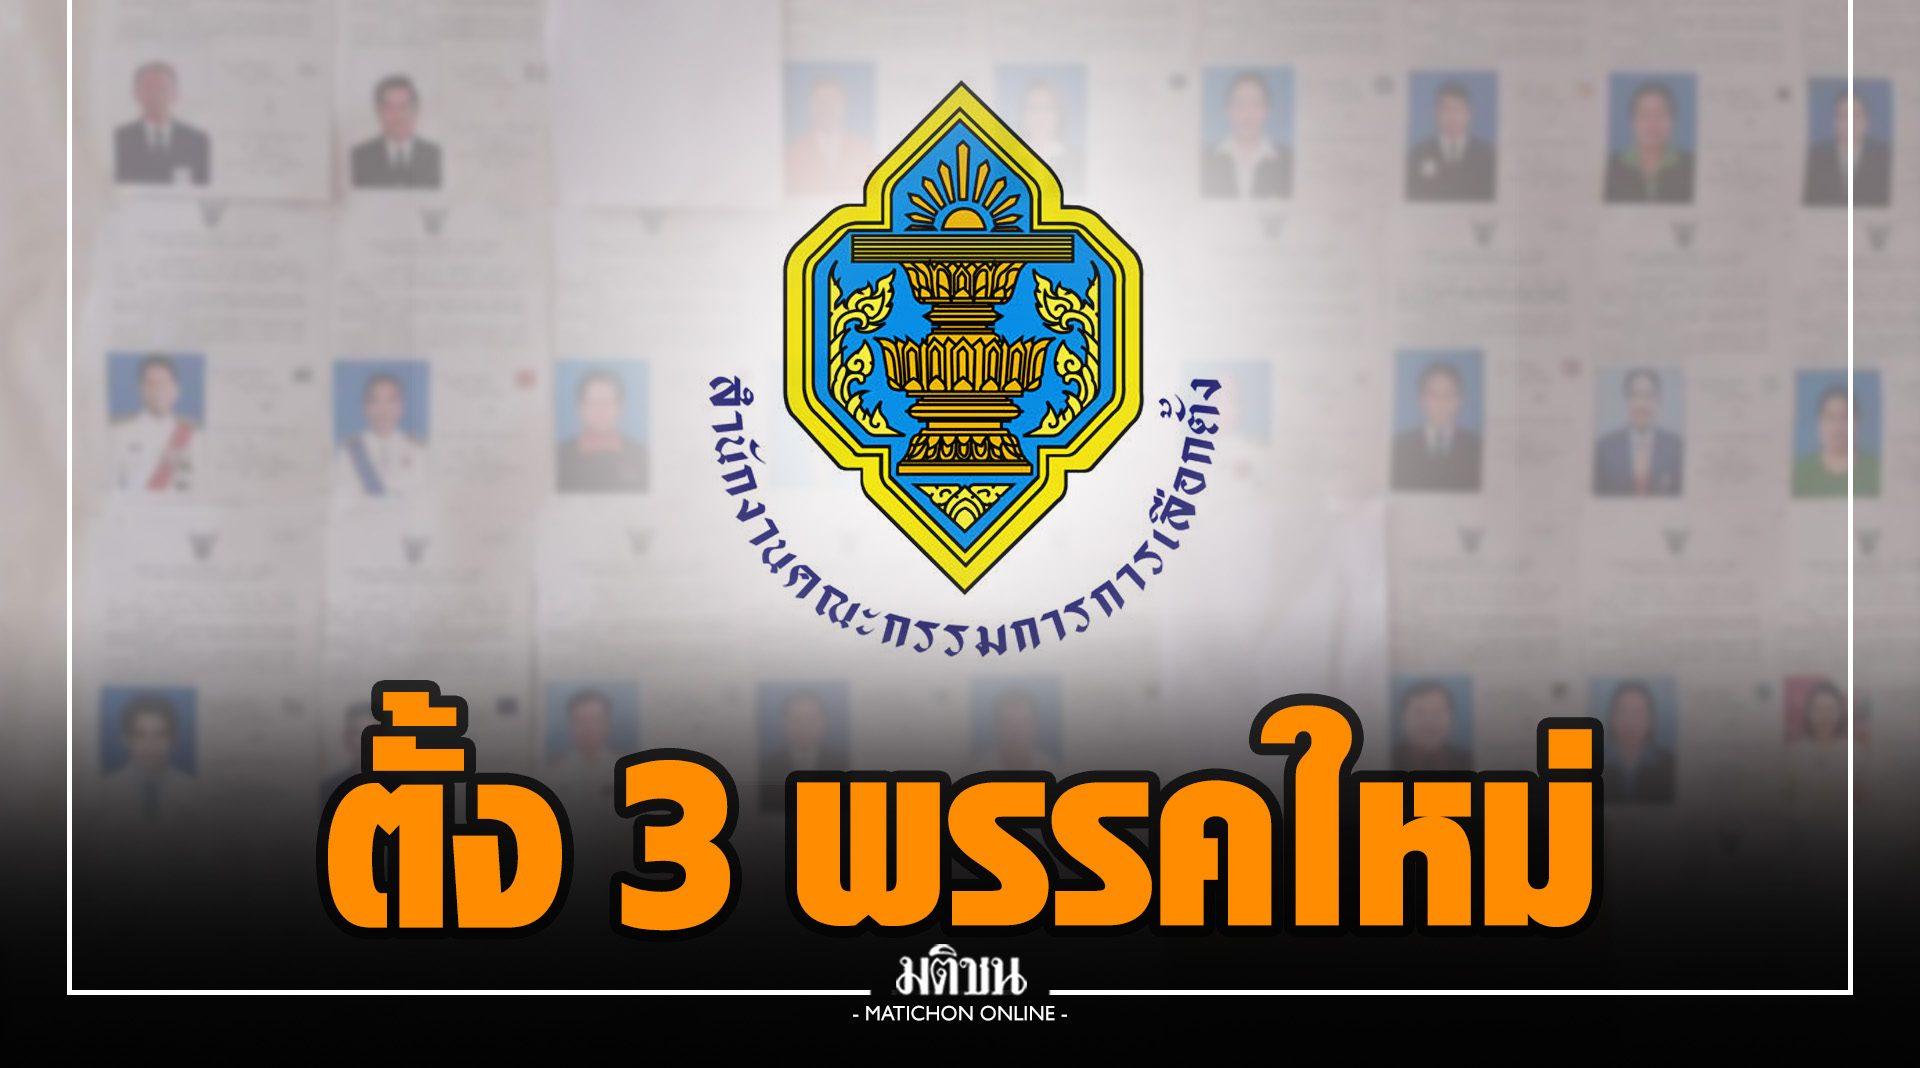 กกต.รับจดทะเบียนจัดตั้ง 3 พรรคการเมืองใหม่ 'พรรคเพื่อประชาชน-พรรคพลังสยาม-พรรคไทยรักกัน'